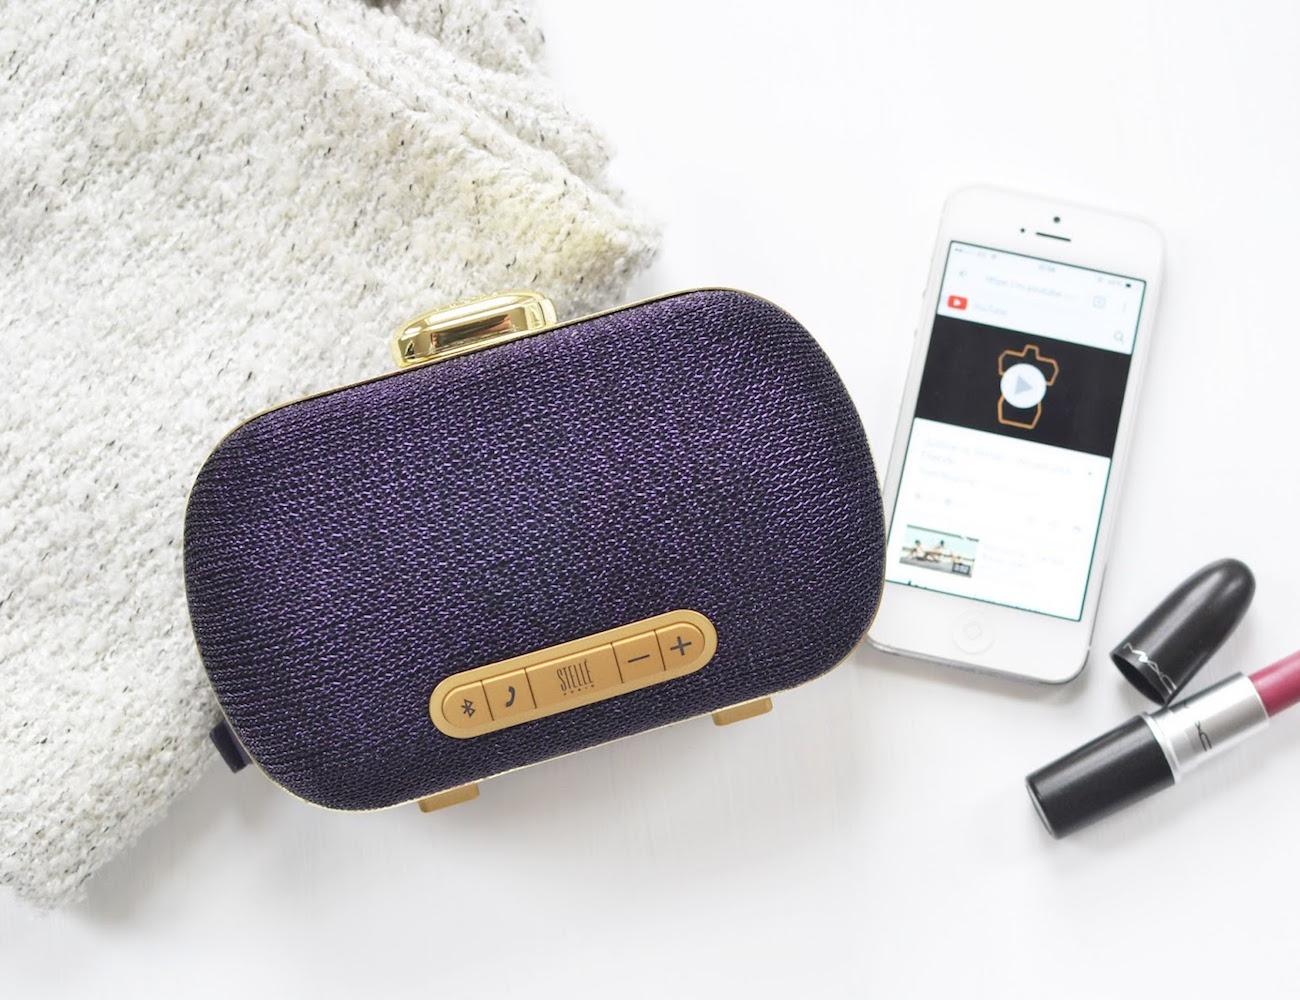 Mini-Clutch Speaker by Stellé Audio – Bluetooth Speaker and Clutch in One